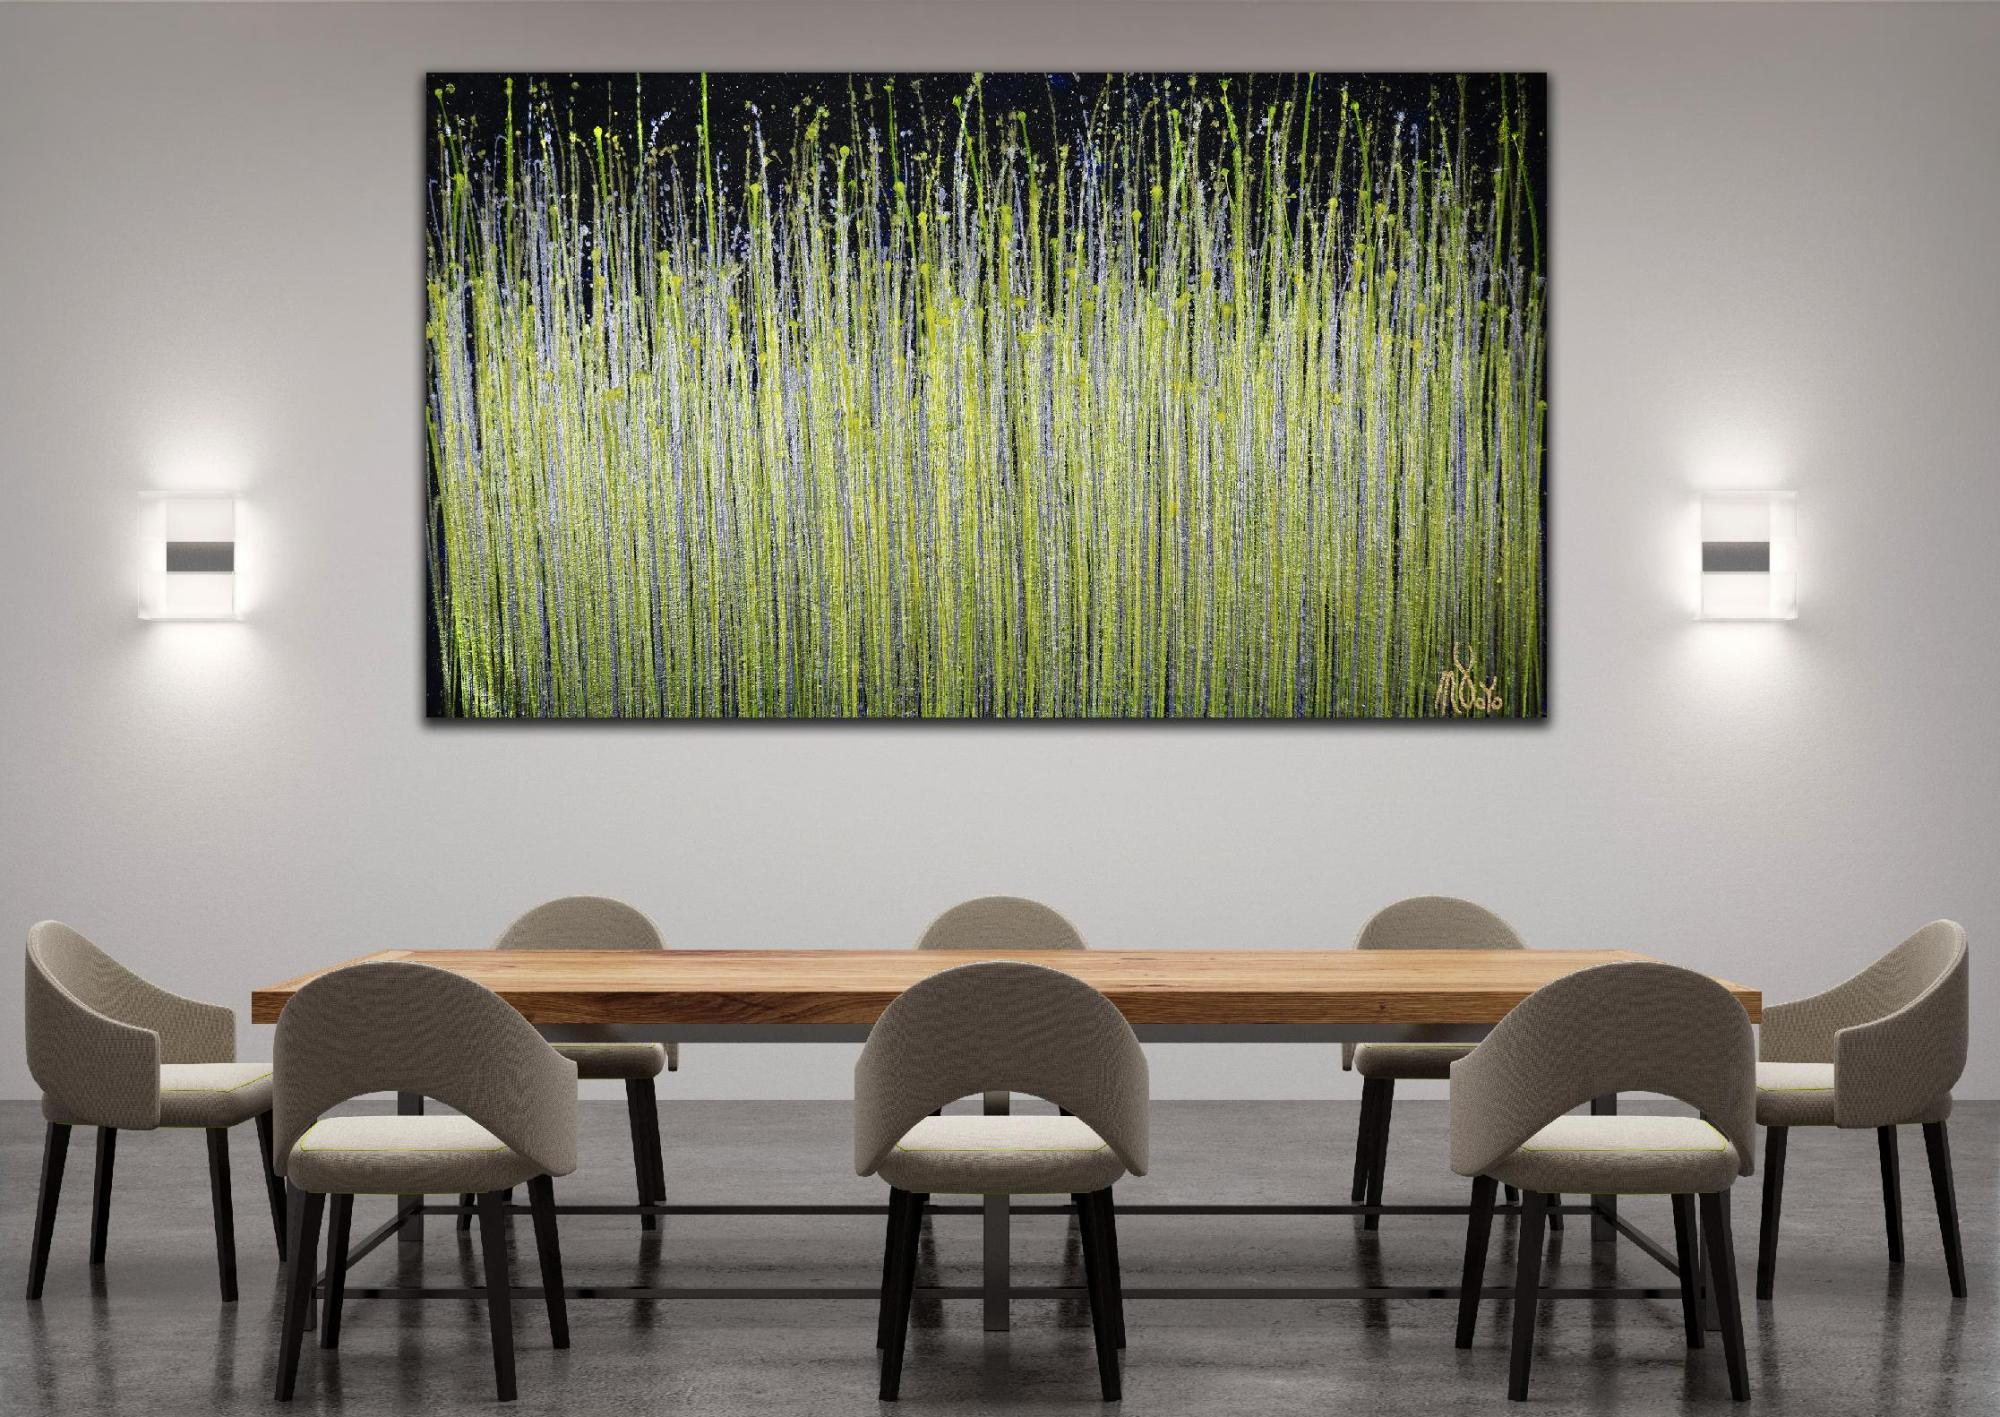 Room View - A closer look (Luminance garden) 3 (2020) by Nestor Toro